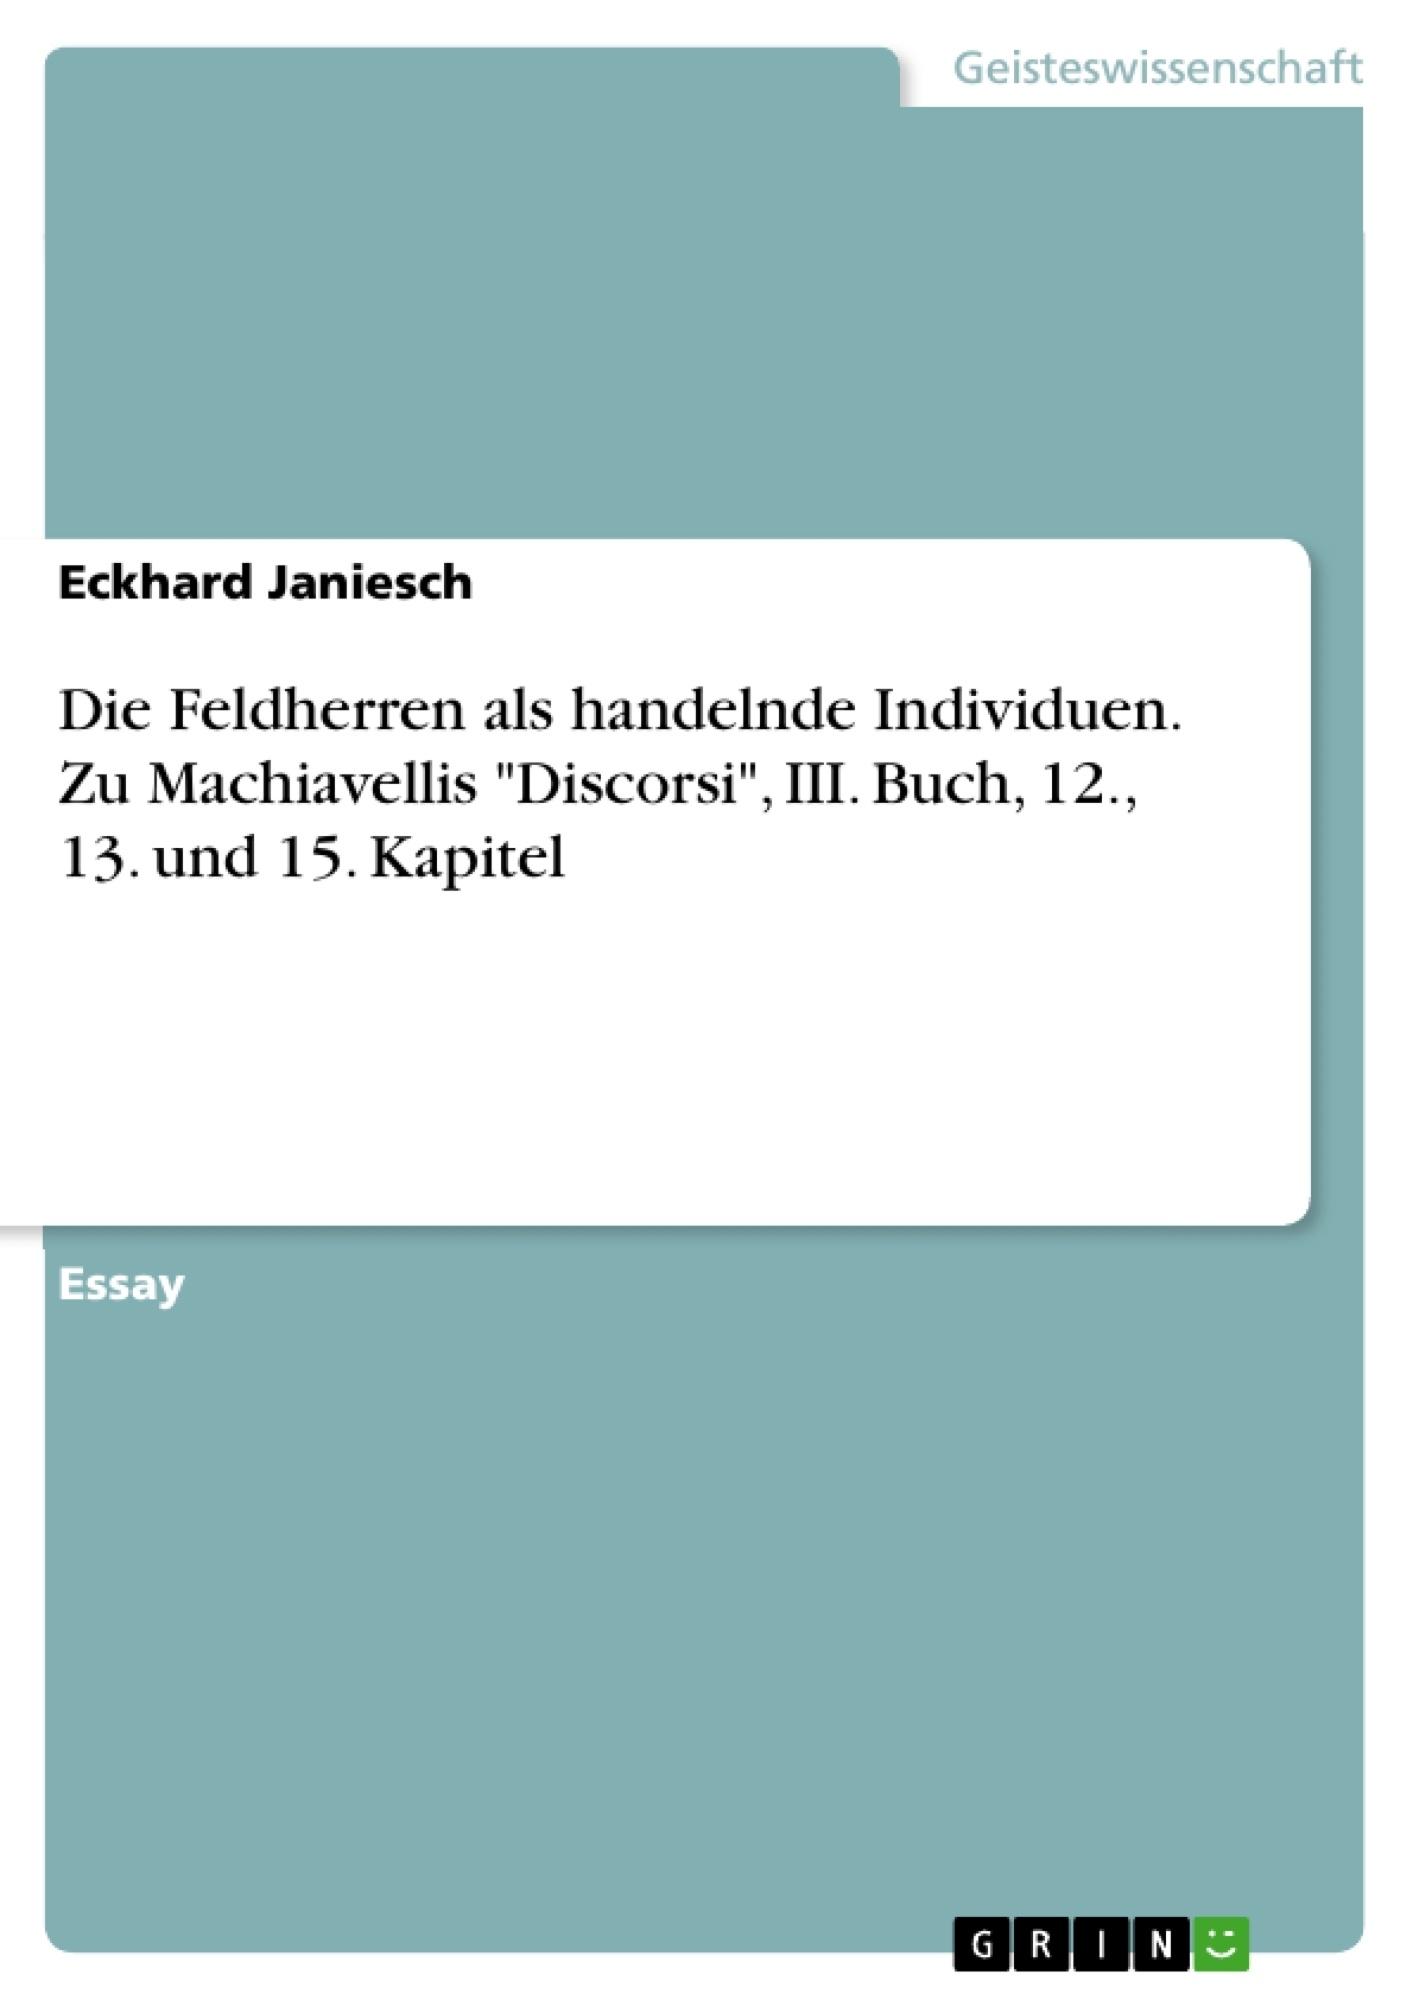 """Titel: Die Feldherren als handelnde Individuen. Zu Machiavellis  """"Discorsi"""", III. Buch, 12., 13. und 15. Kapitel"""